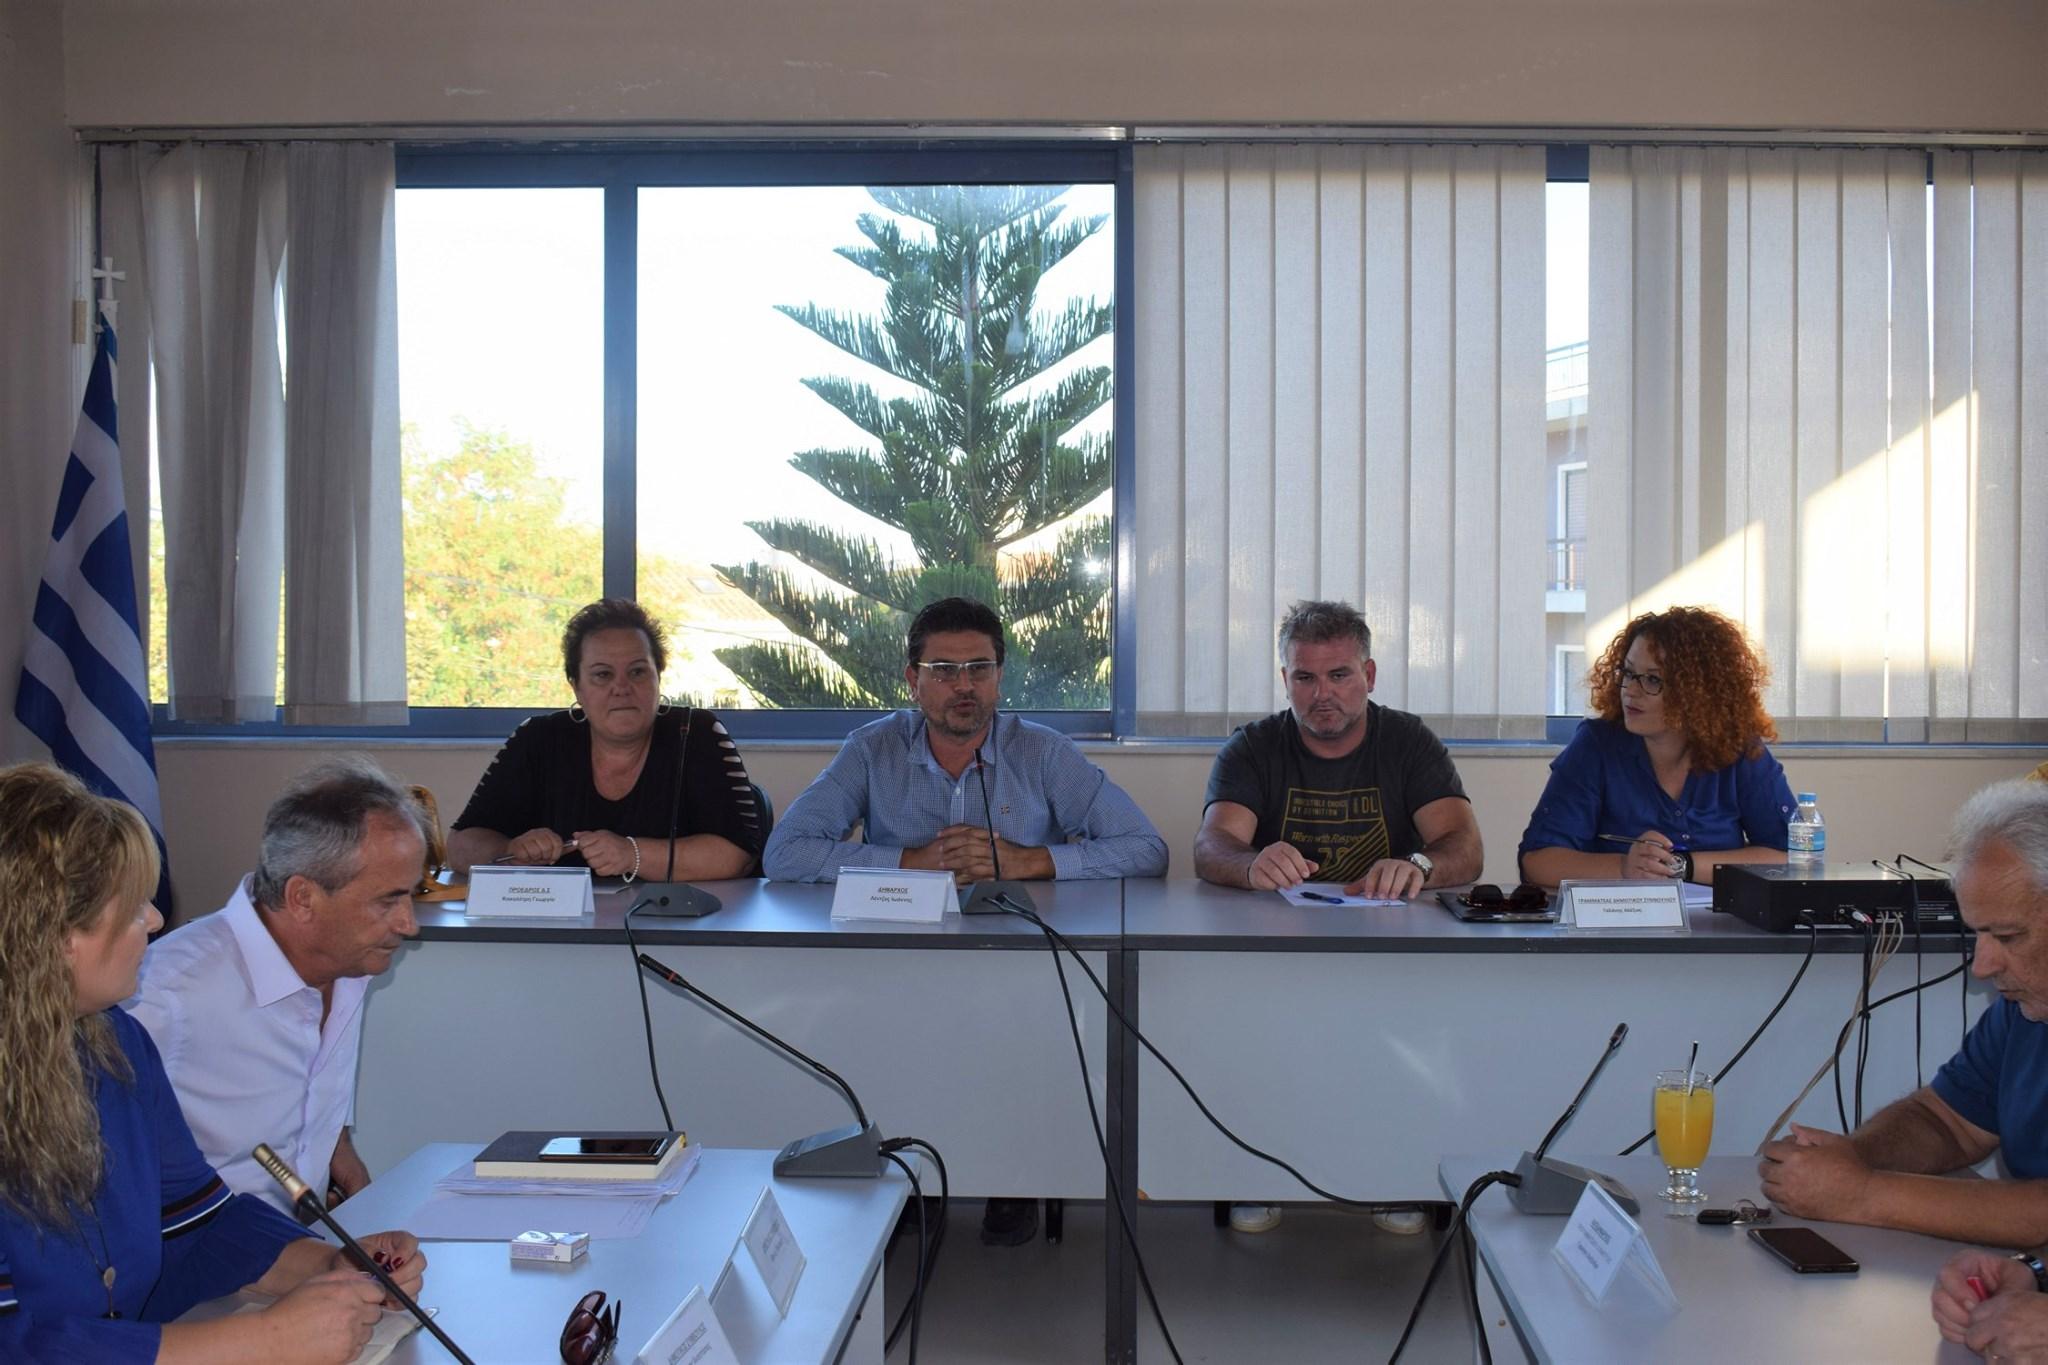 Συνάντηση Λέντζα με τους Προέδρους των Κοινοτήτων - Σε αγαστή συνεργασία Δημοτική Αρχή και Κοινότητες του Δήμου Ανδραβίδας-Κυλλήνης (Photos)